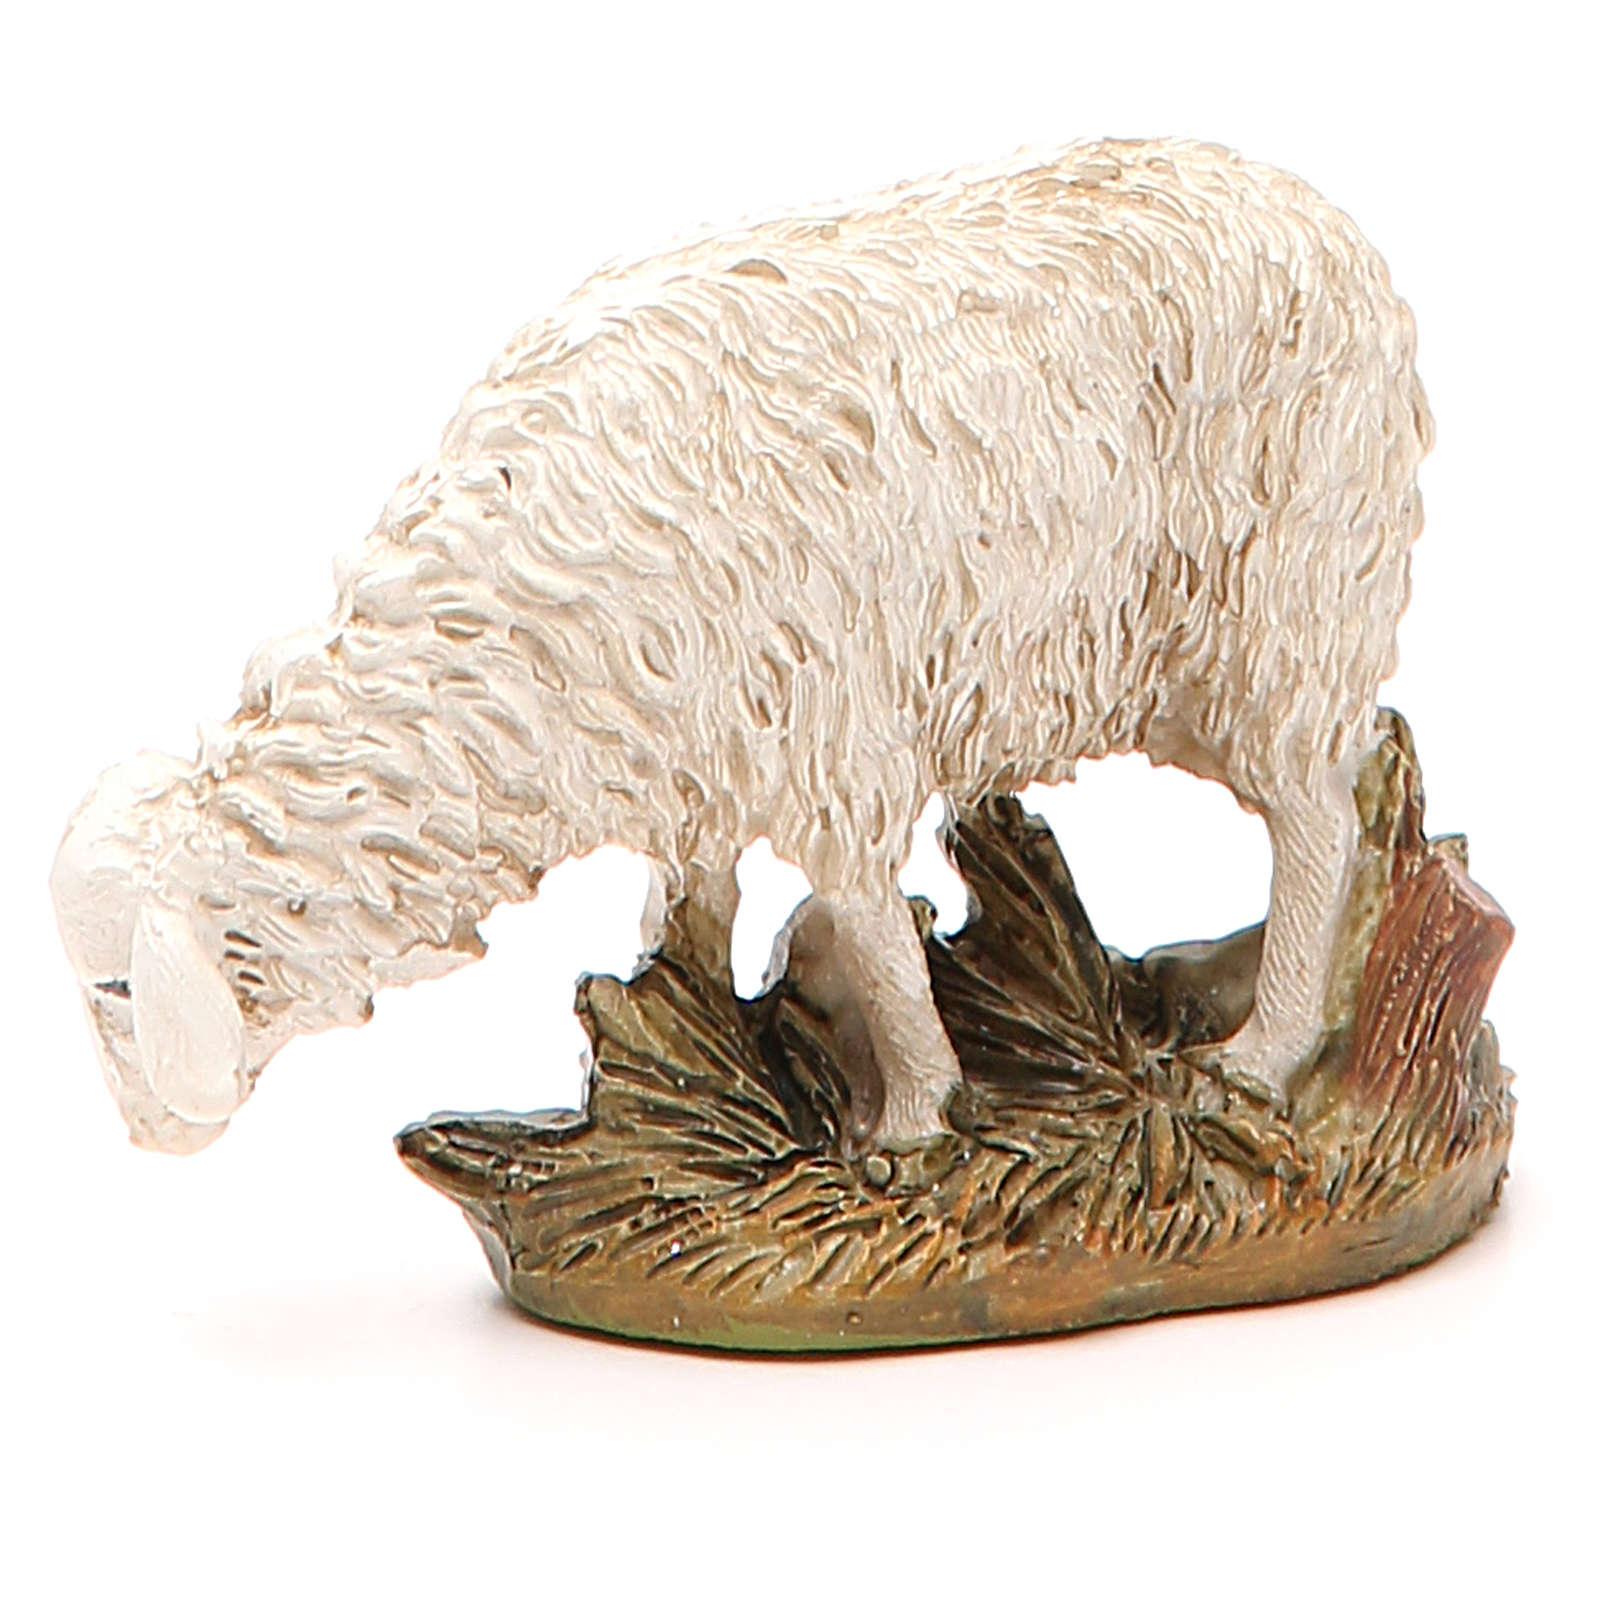 Mouton résine peinte tête baissée pour crèche 12 cm gamme Martino Landi 3